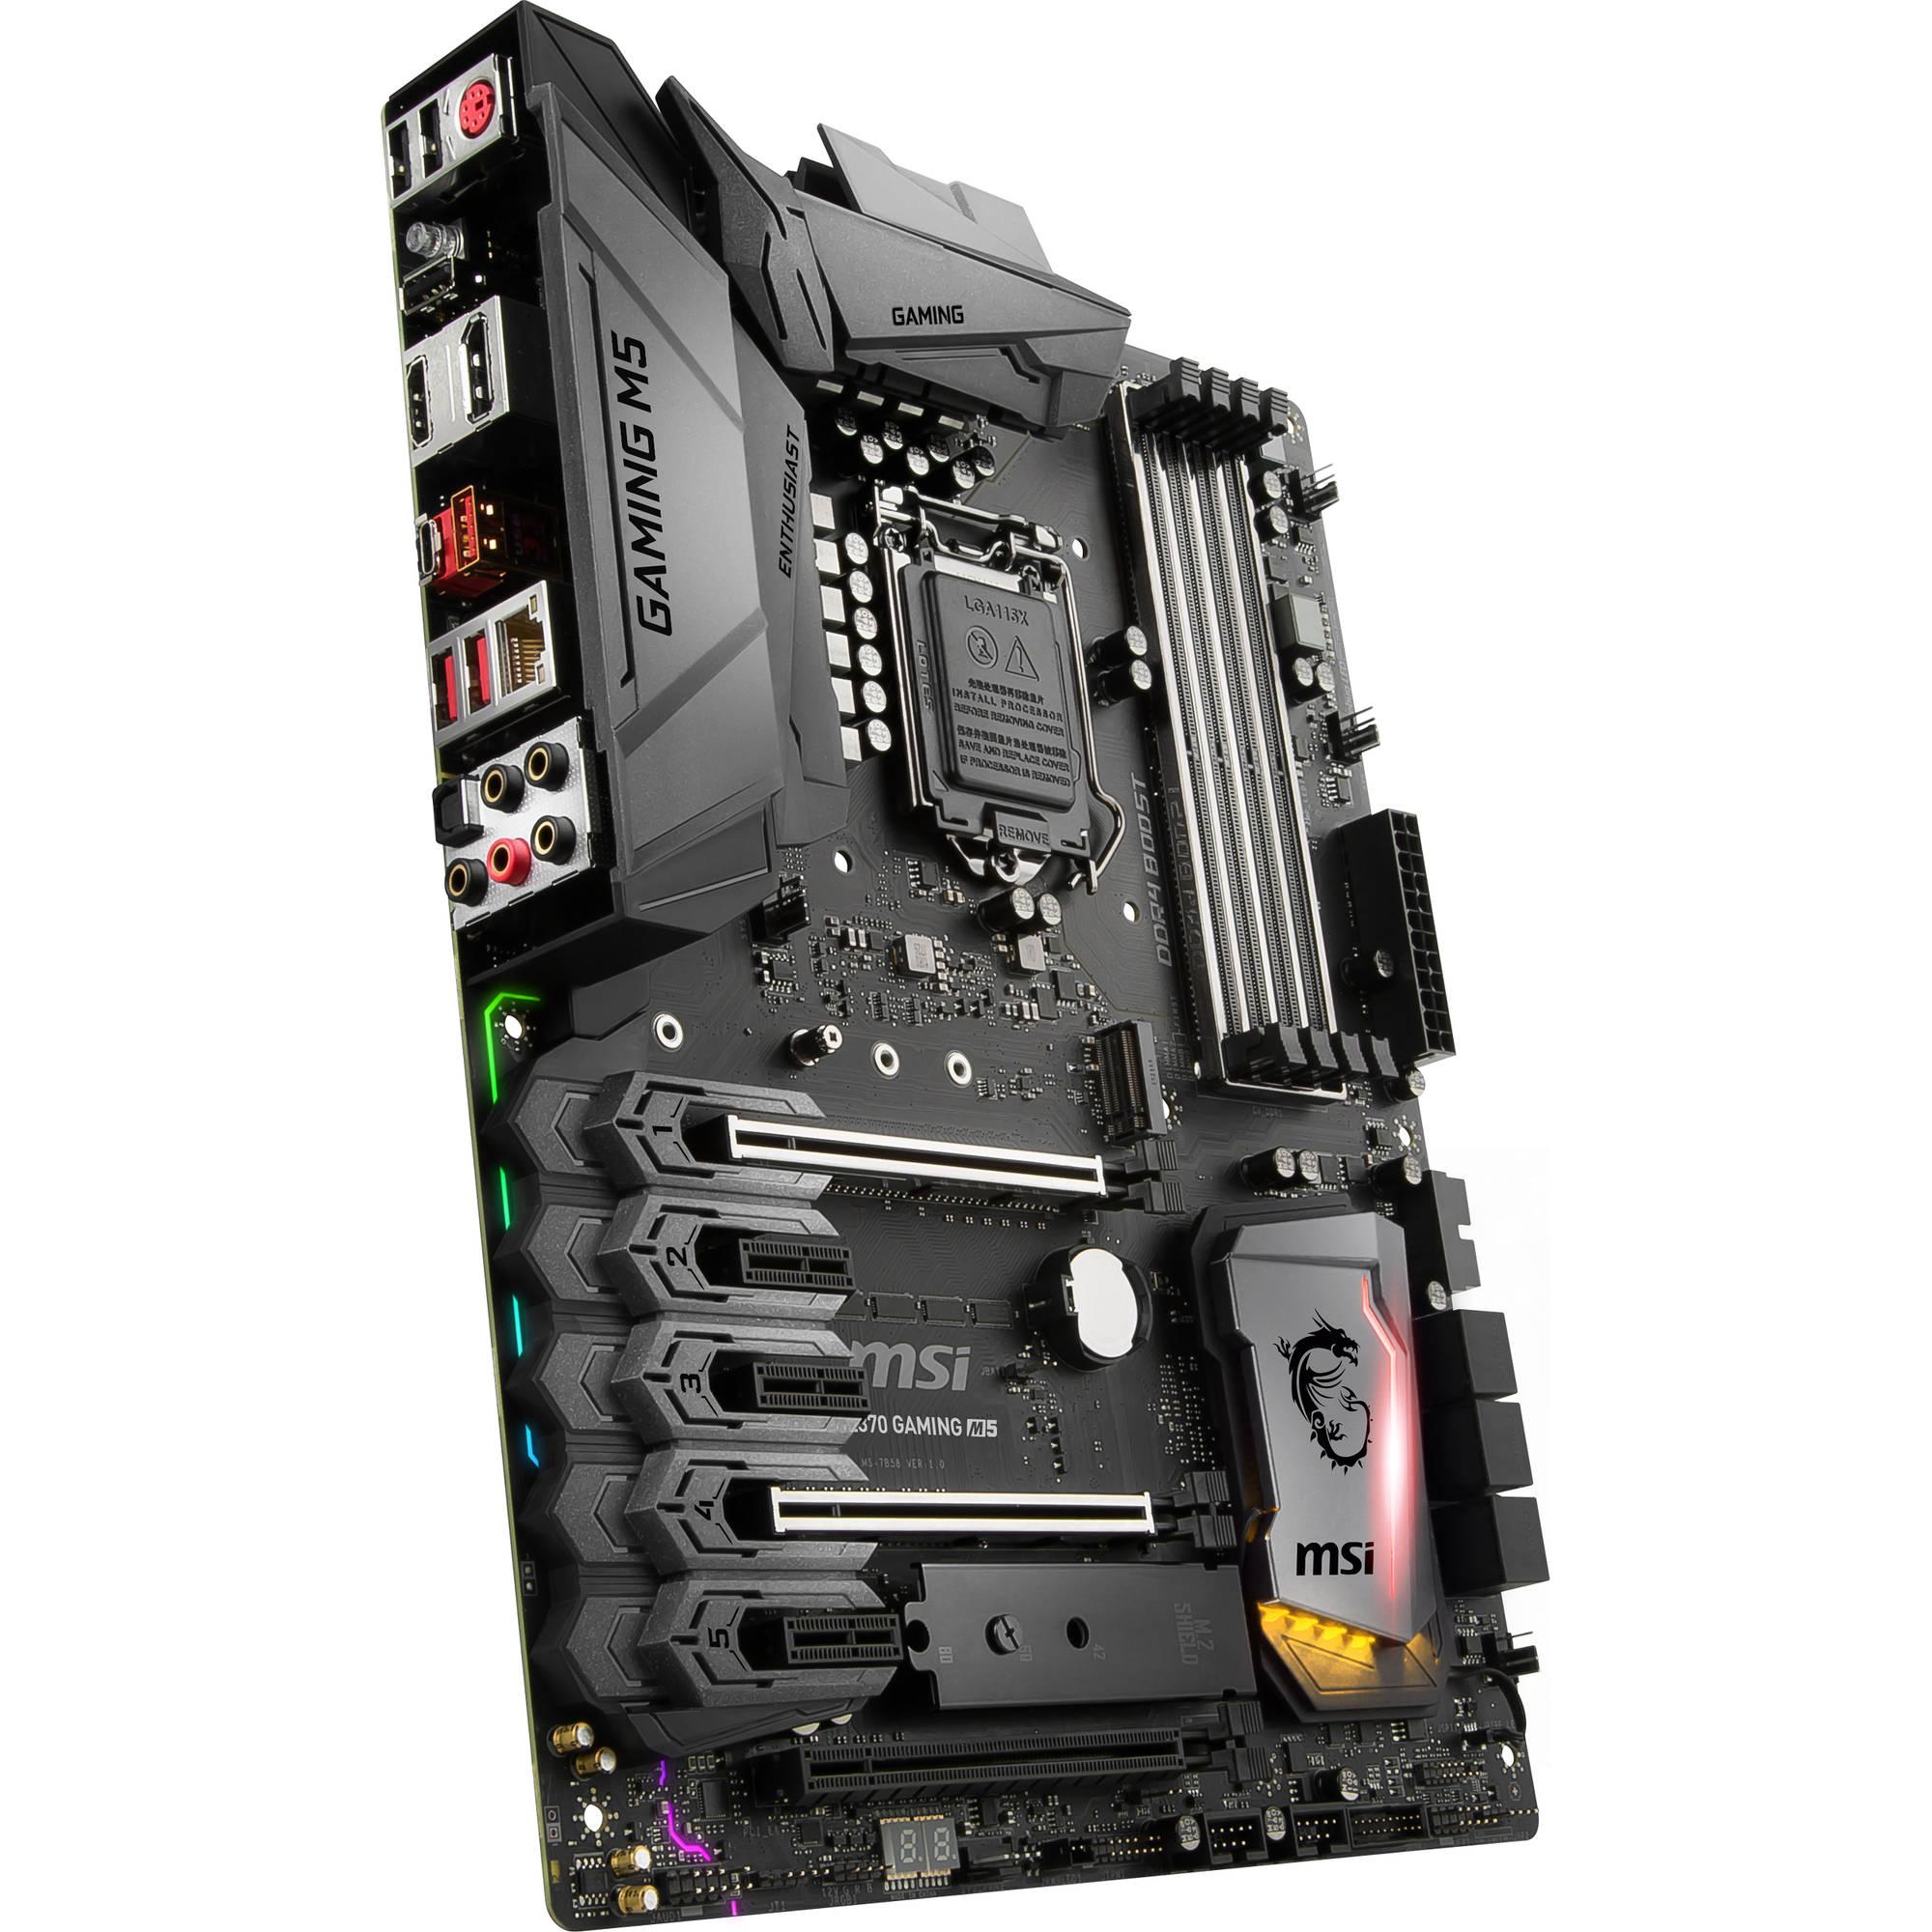 MSI Z370 Gaming M5 LGA 1151 ATX Motherboard